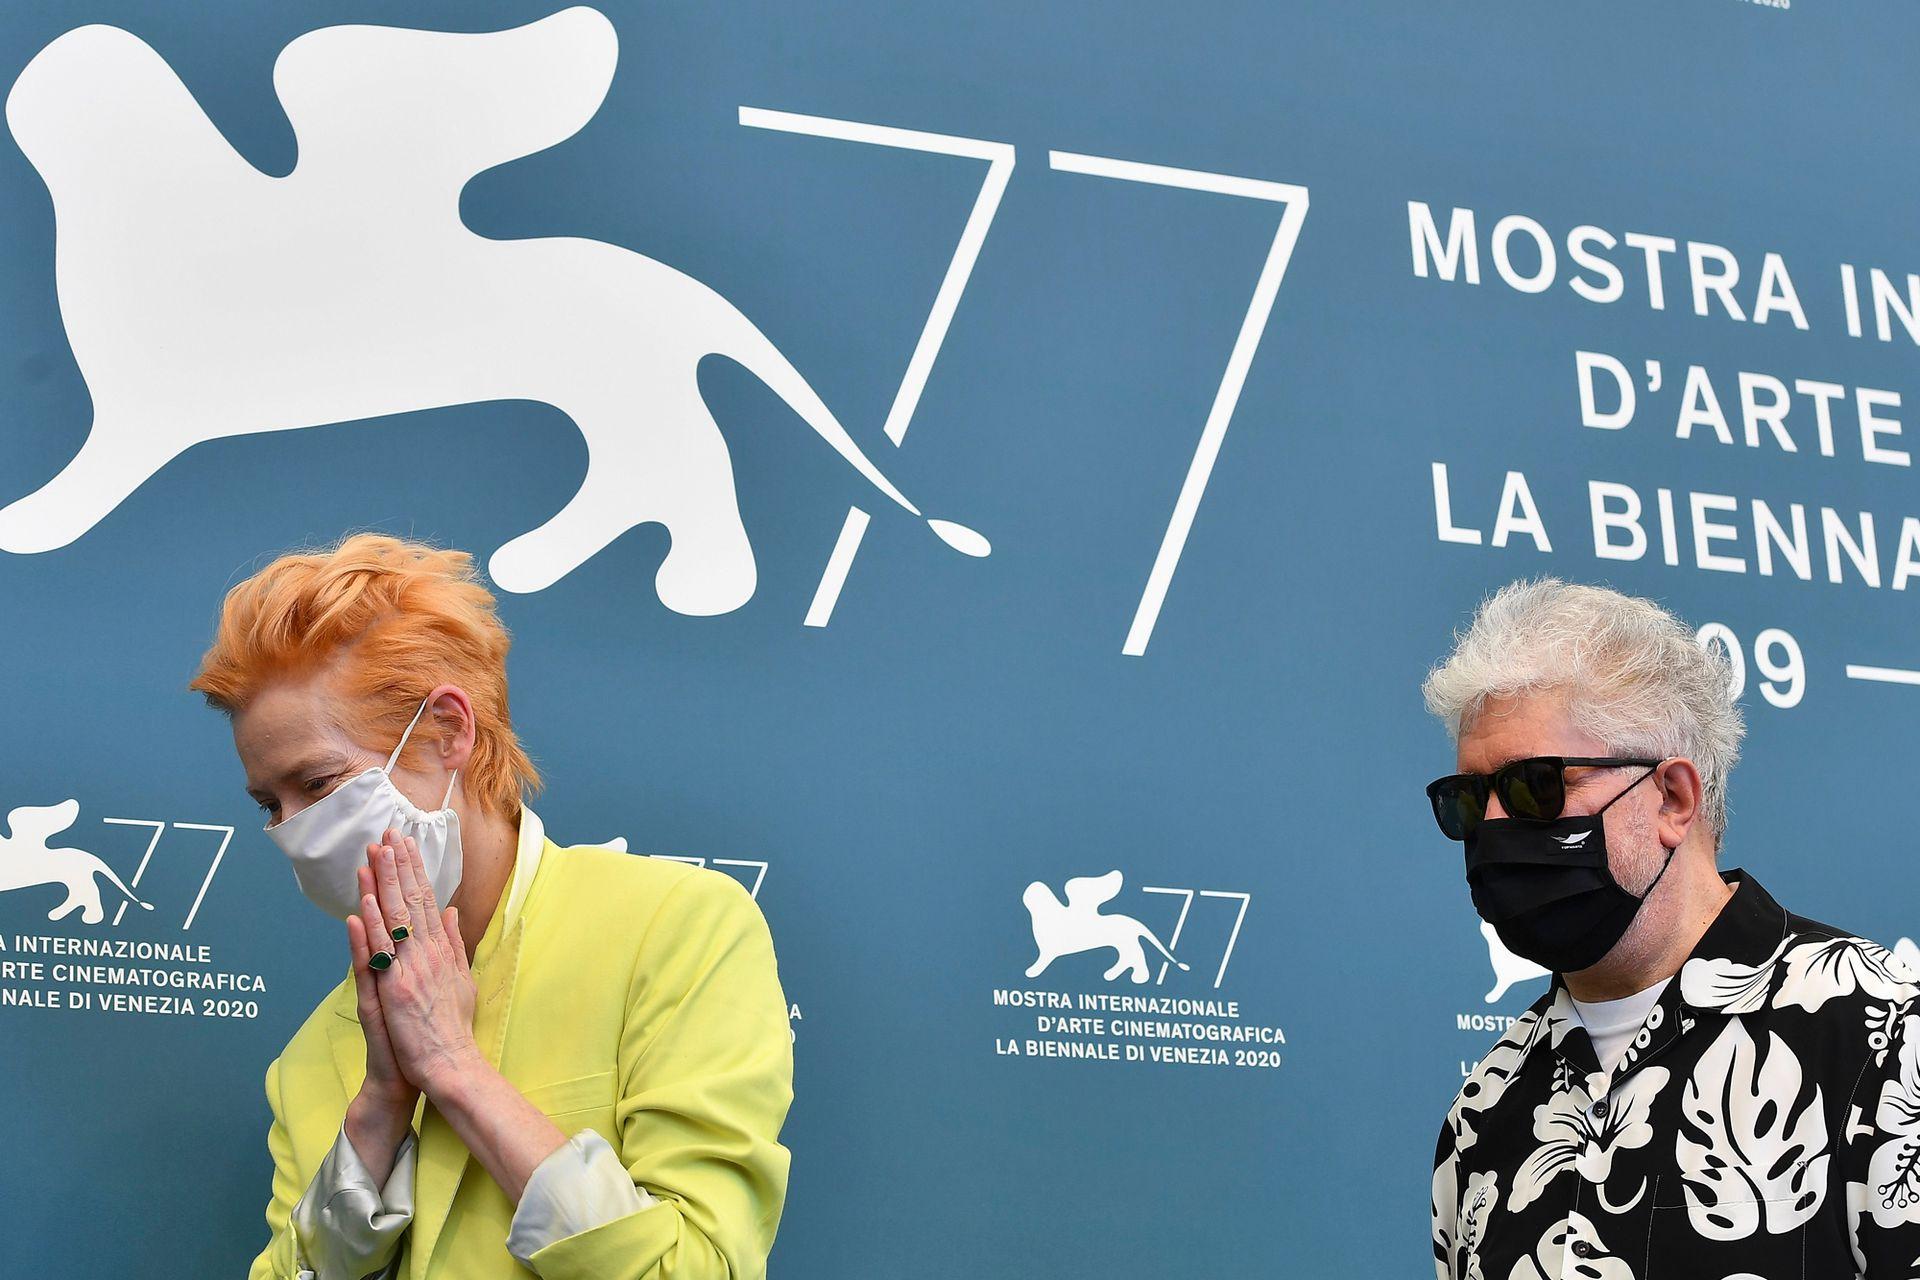 La actriz británica Tilda Swinton y el director español Pedro Almodóvar presentan lo que será la primera incursión en inglés del cineasta manchego, basada en un monólogo de Jean Cocteau